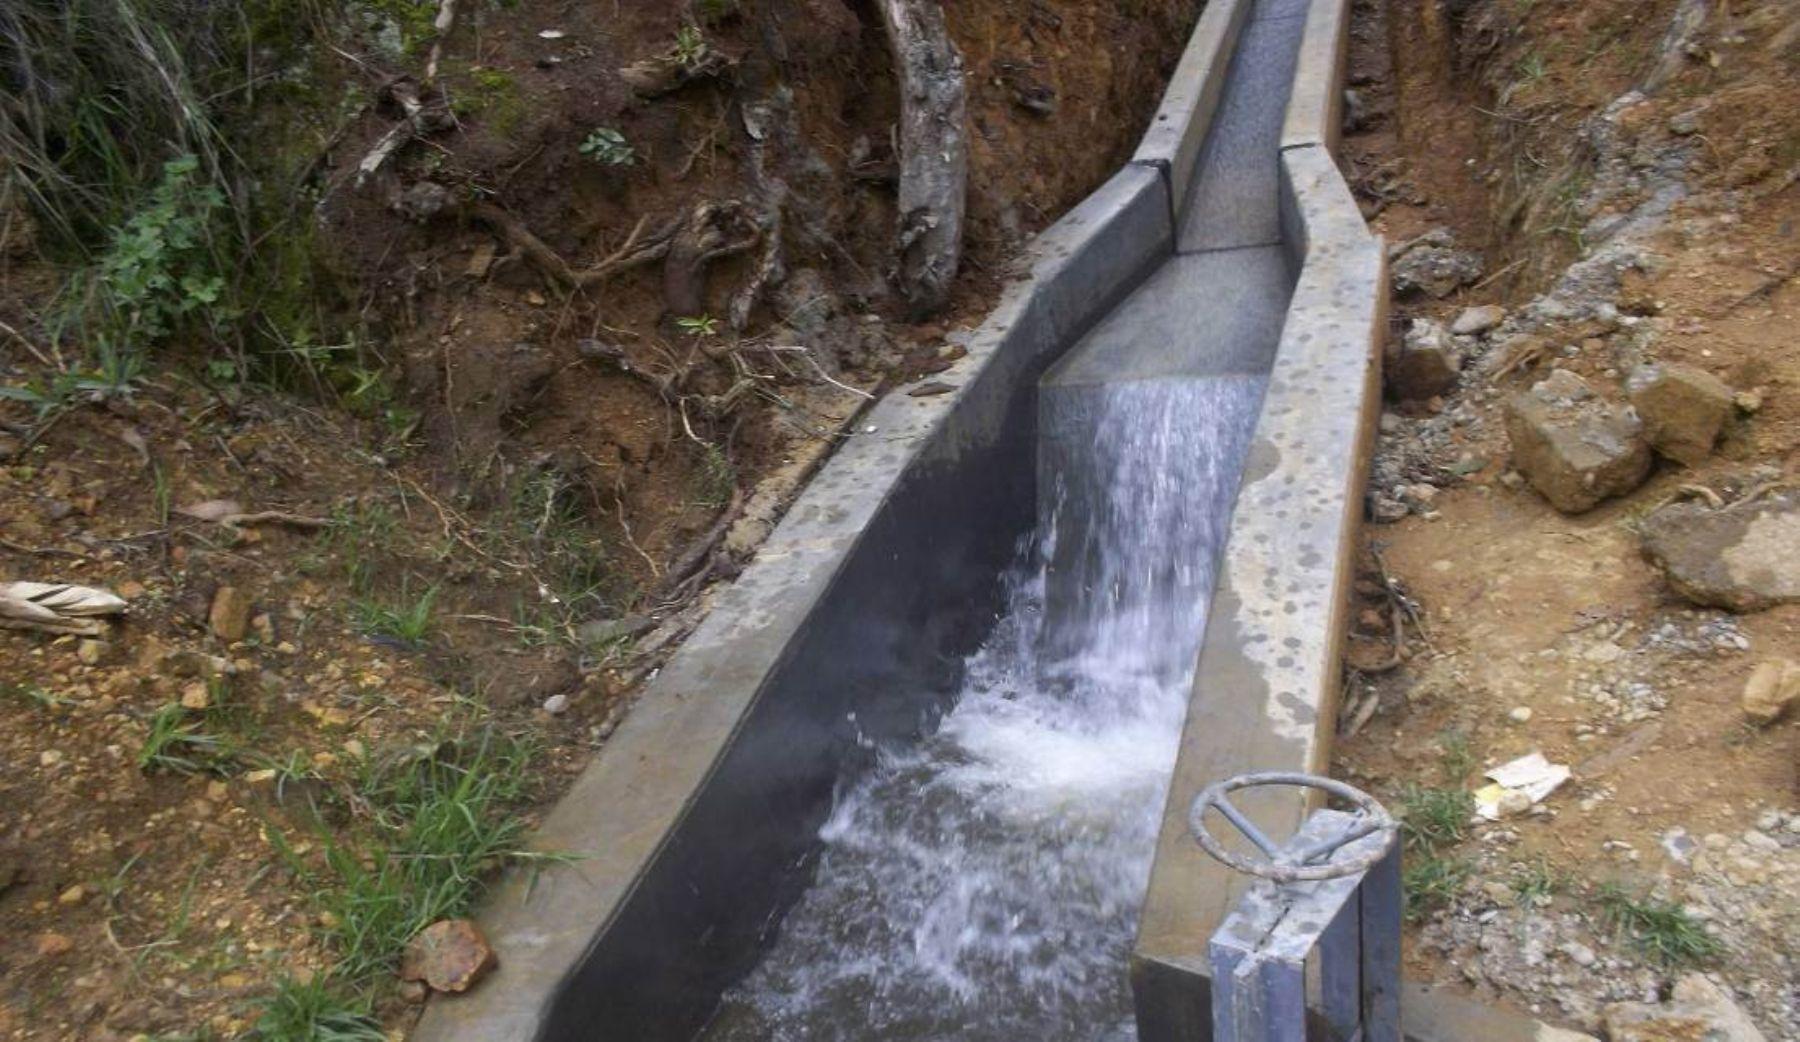 Nuevo canal llegará agua a 45 hectáreas en Huancayo